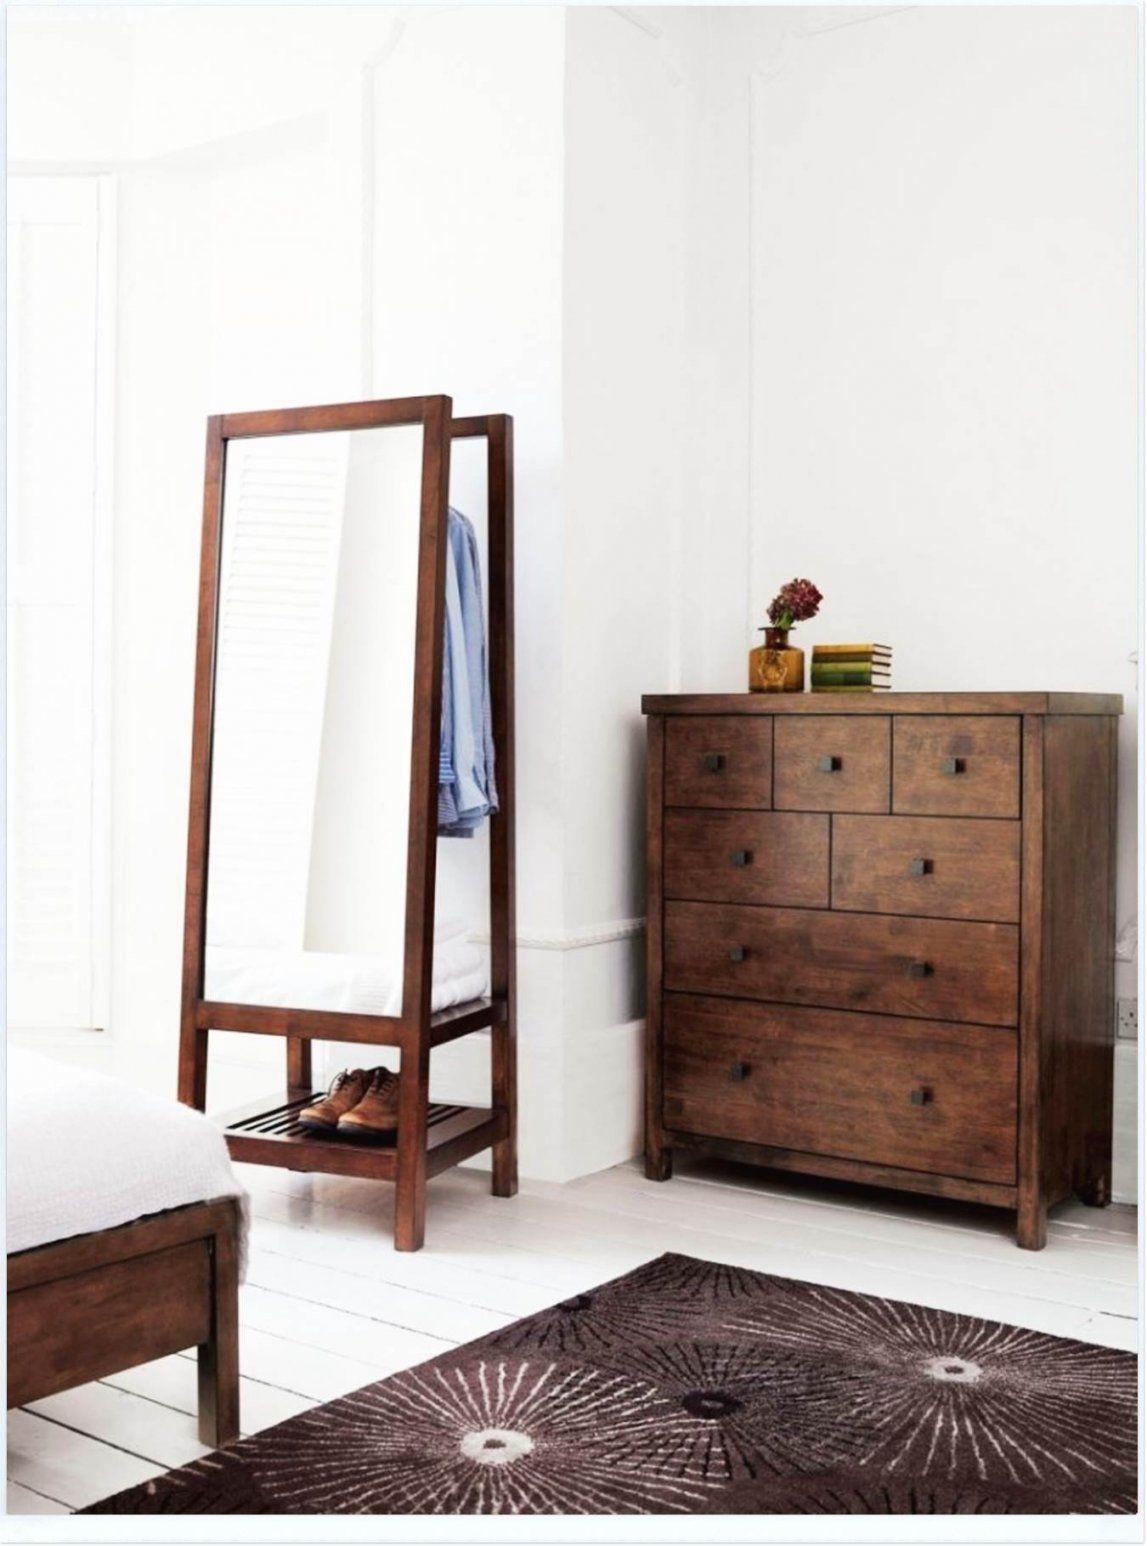 dekoration leicht gemacht frisch deko kommode schlafzimmer. Black Bedroom Furniture Sets. Home Design Ideas